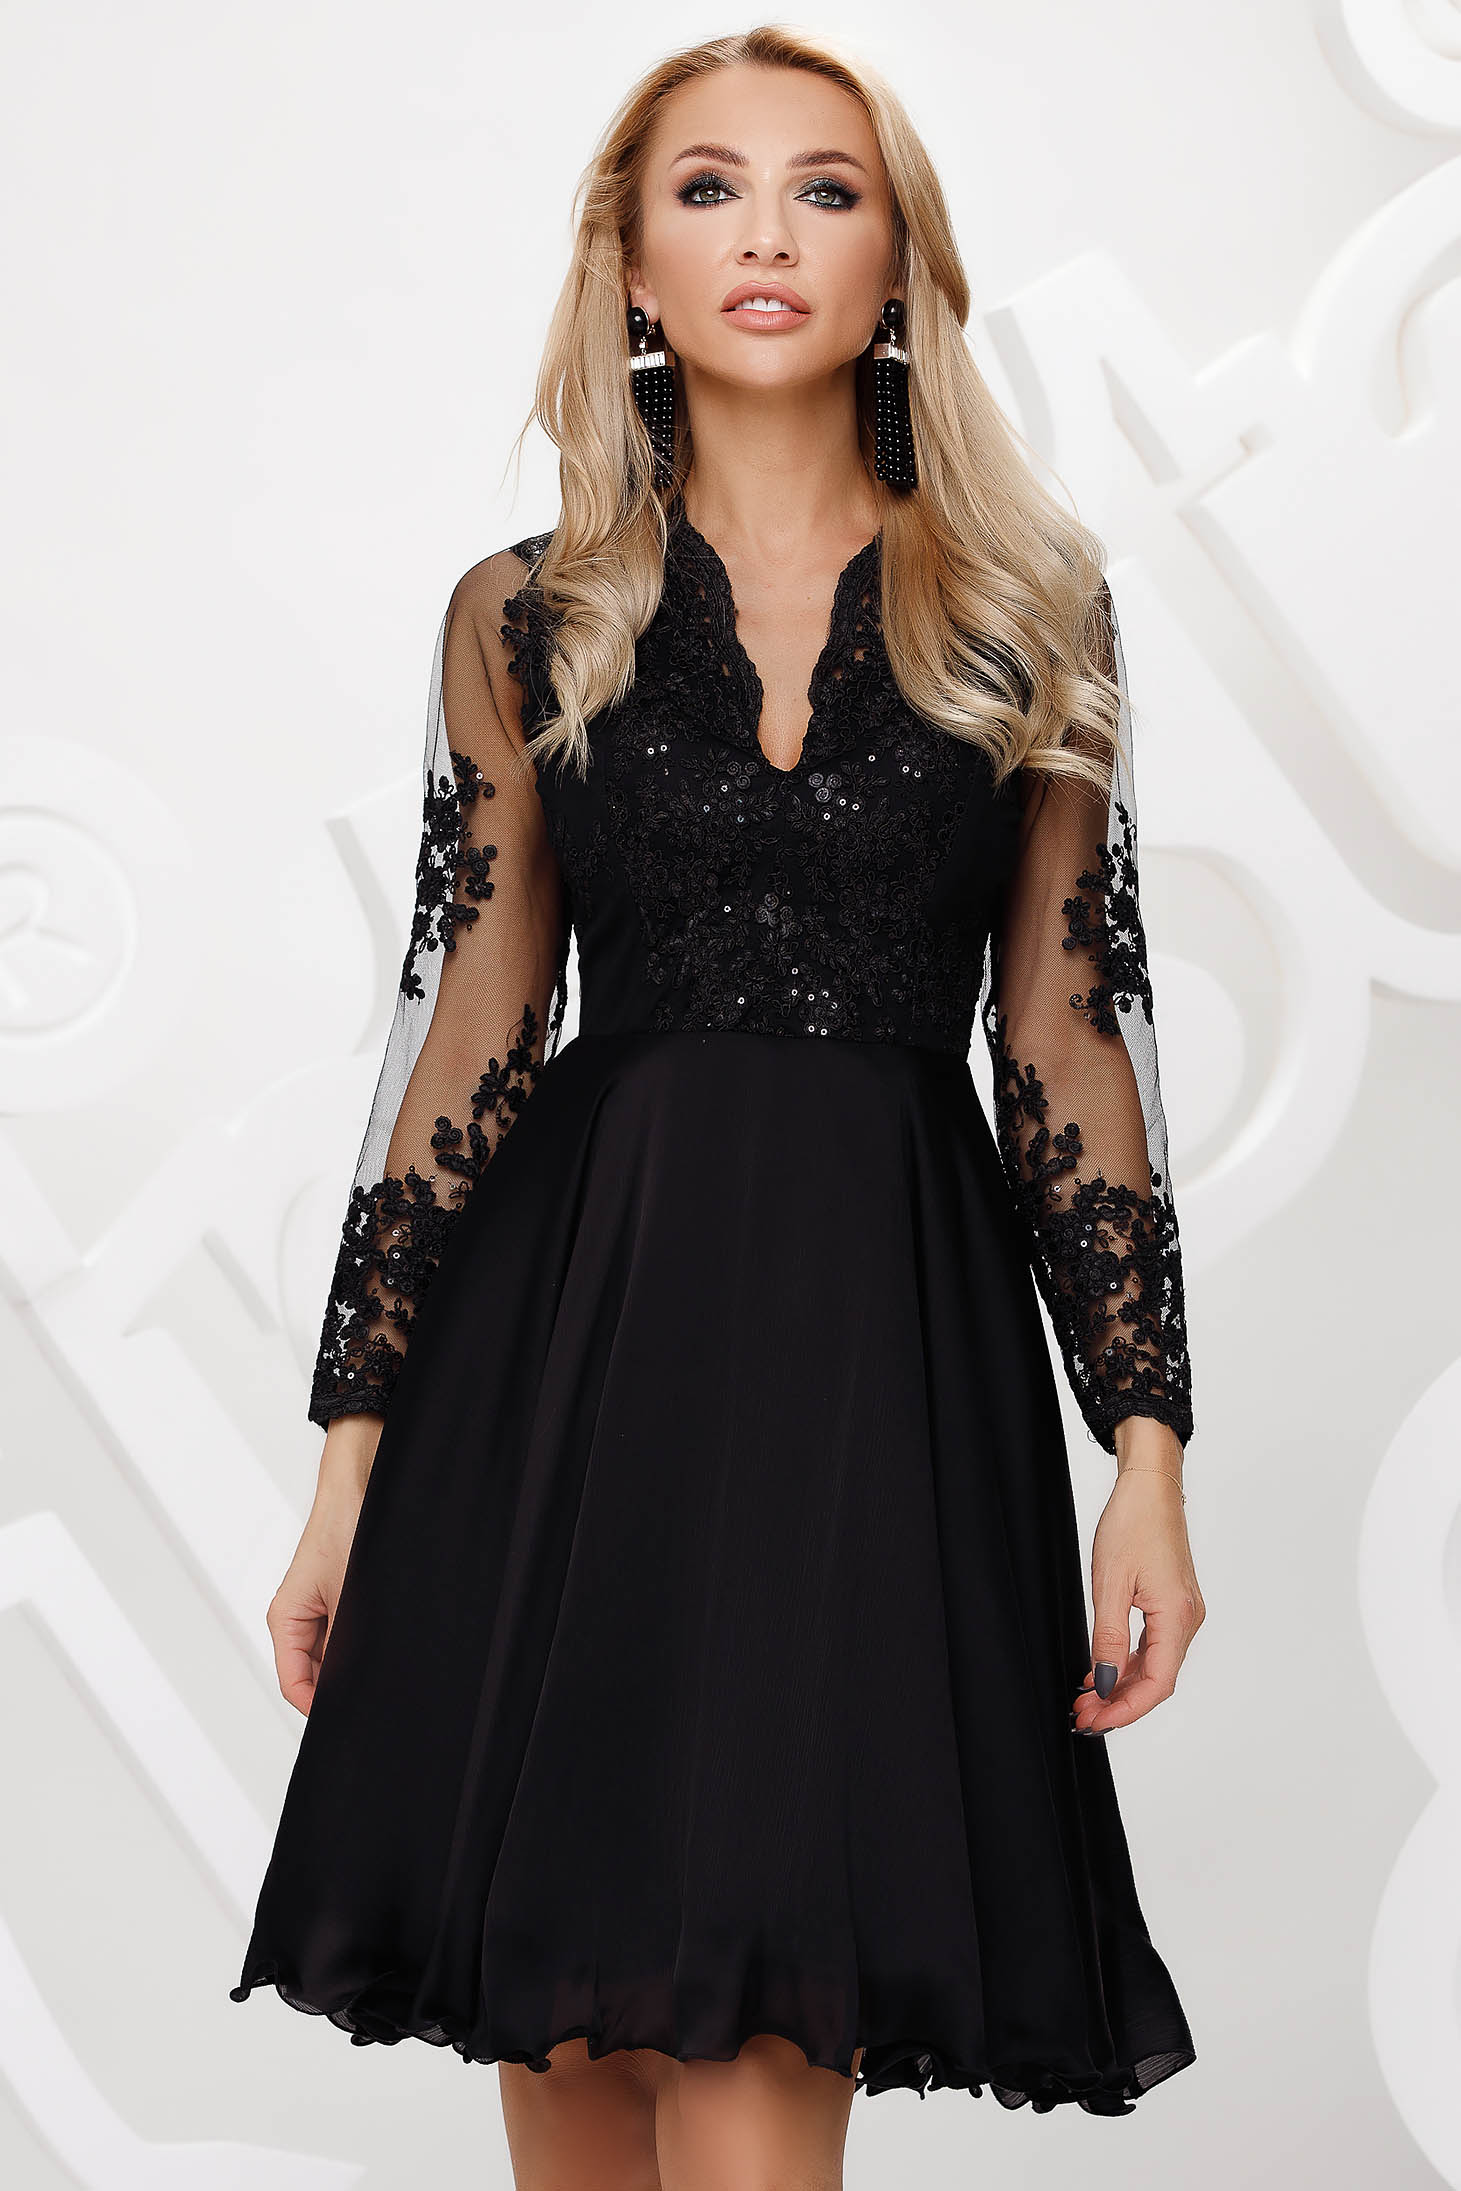 Fekete alkalmi harang ruha tüllből csipkés és flitteres díszítéssel